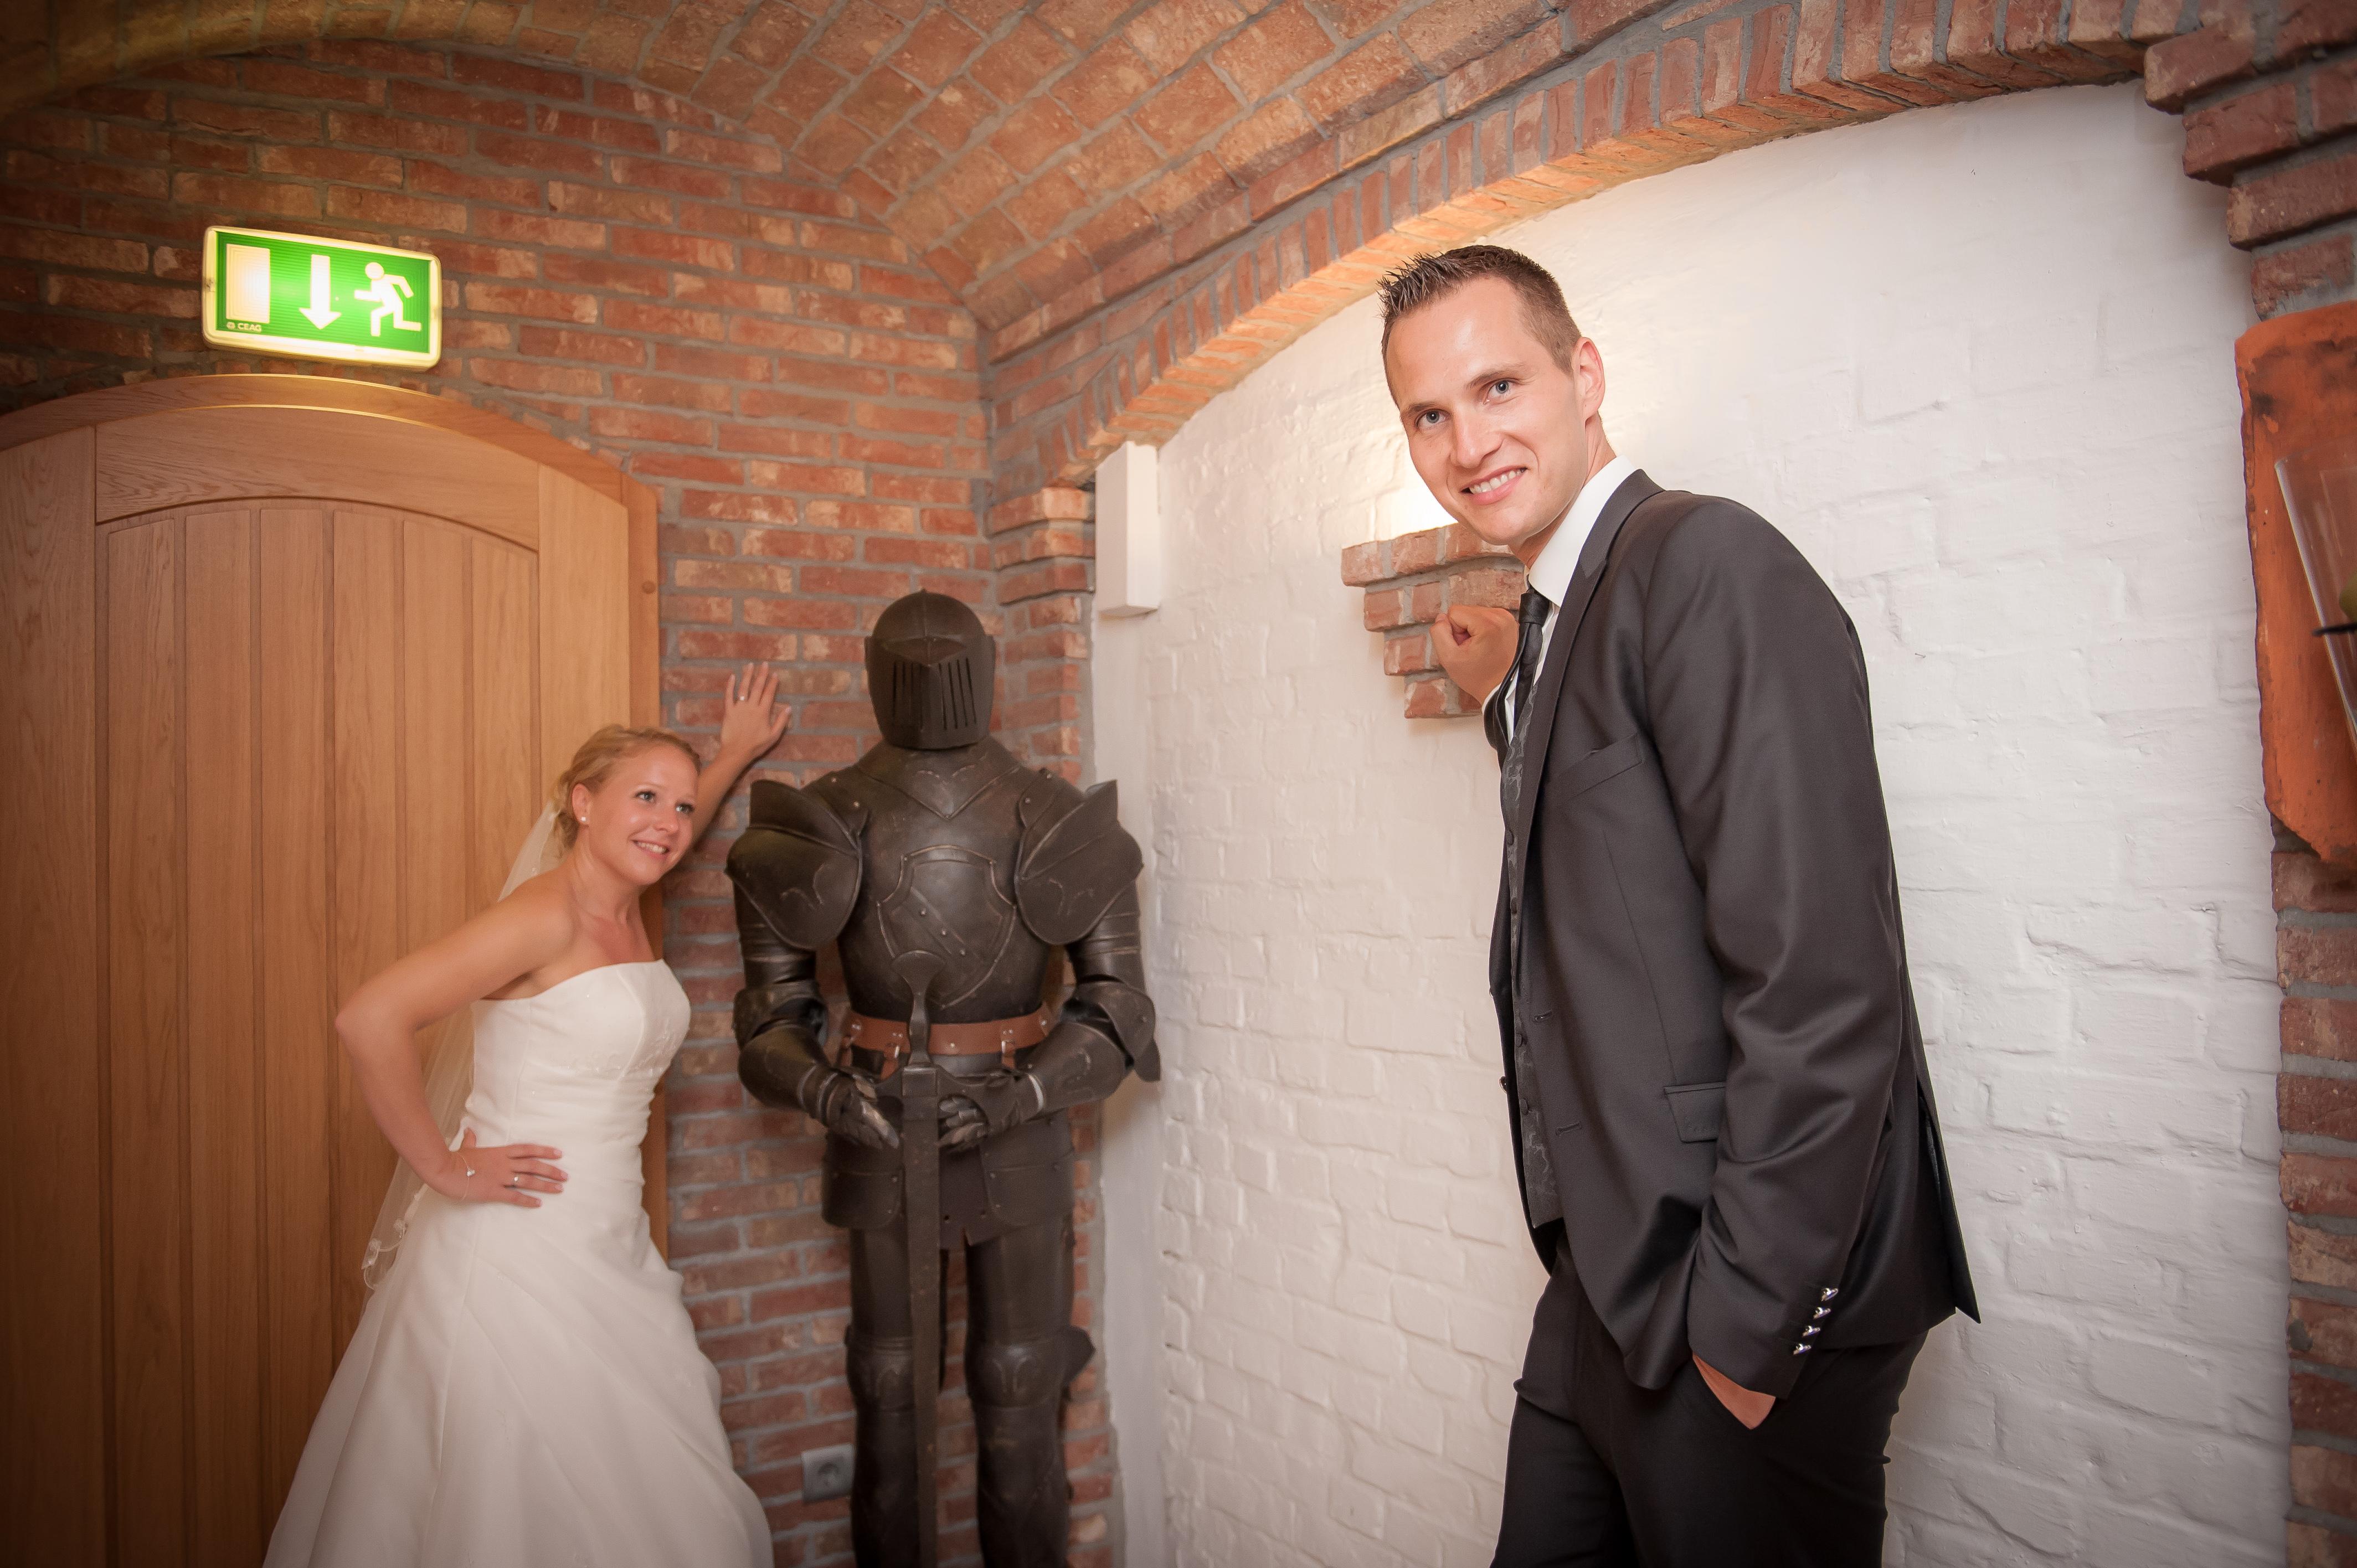 Hochzeit in Duisburg - Haus der Unternehmer